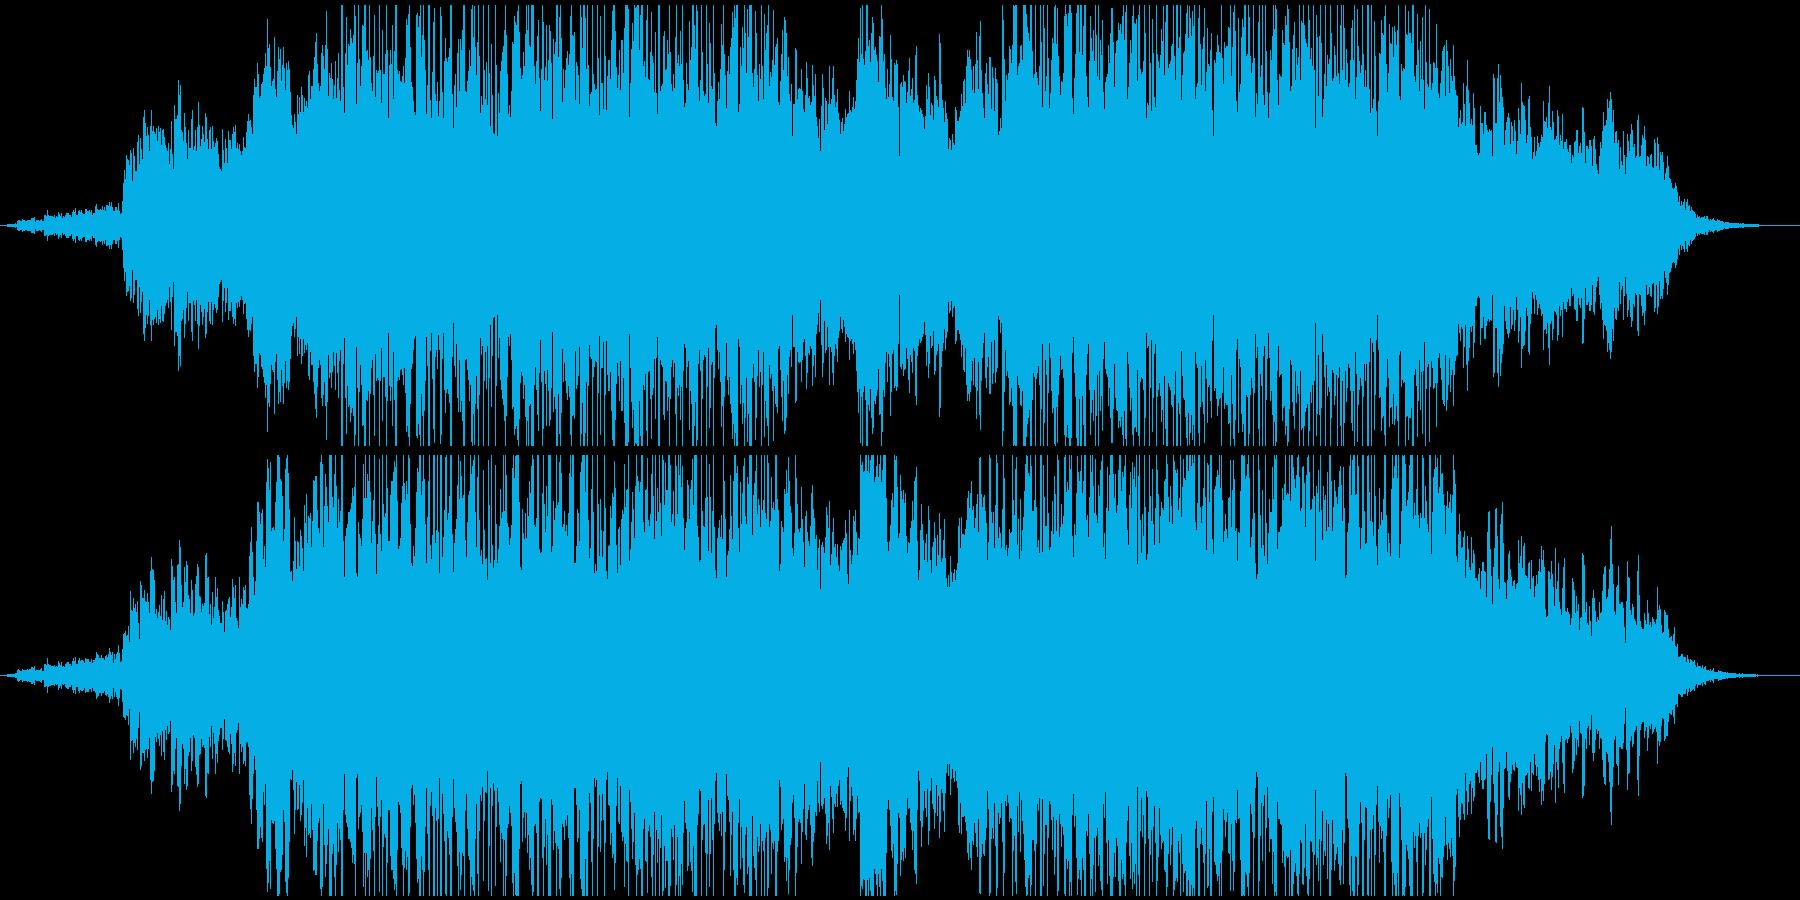 宇宙空間にいる様な浮遊間のあるBGMの再生済みの波形